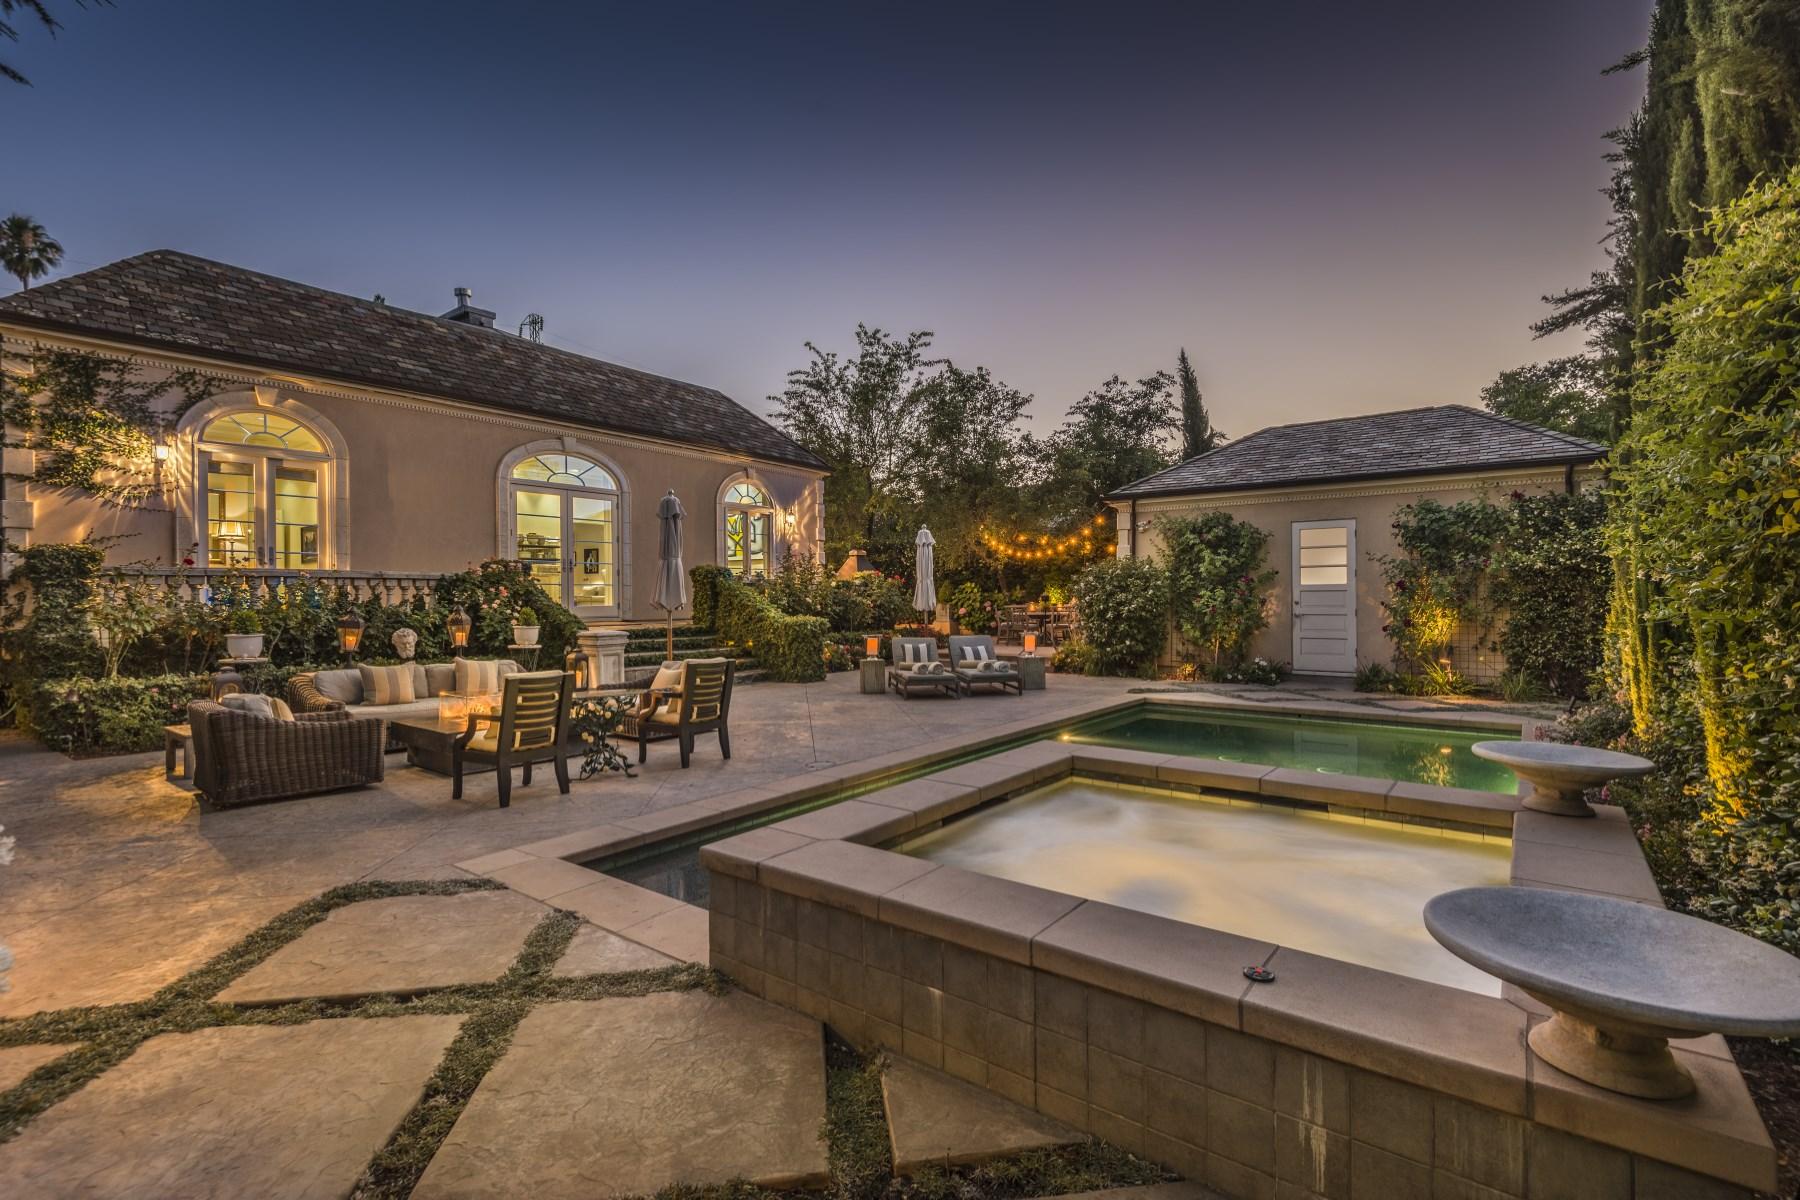 Частный односемейный дом для того Продажа на A St. Helena Jewel 1428 Hudson Ave St. Helena, Калифорния, 94574 Соединенные Штаты